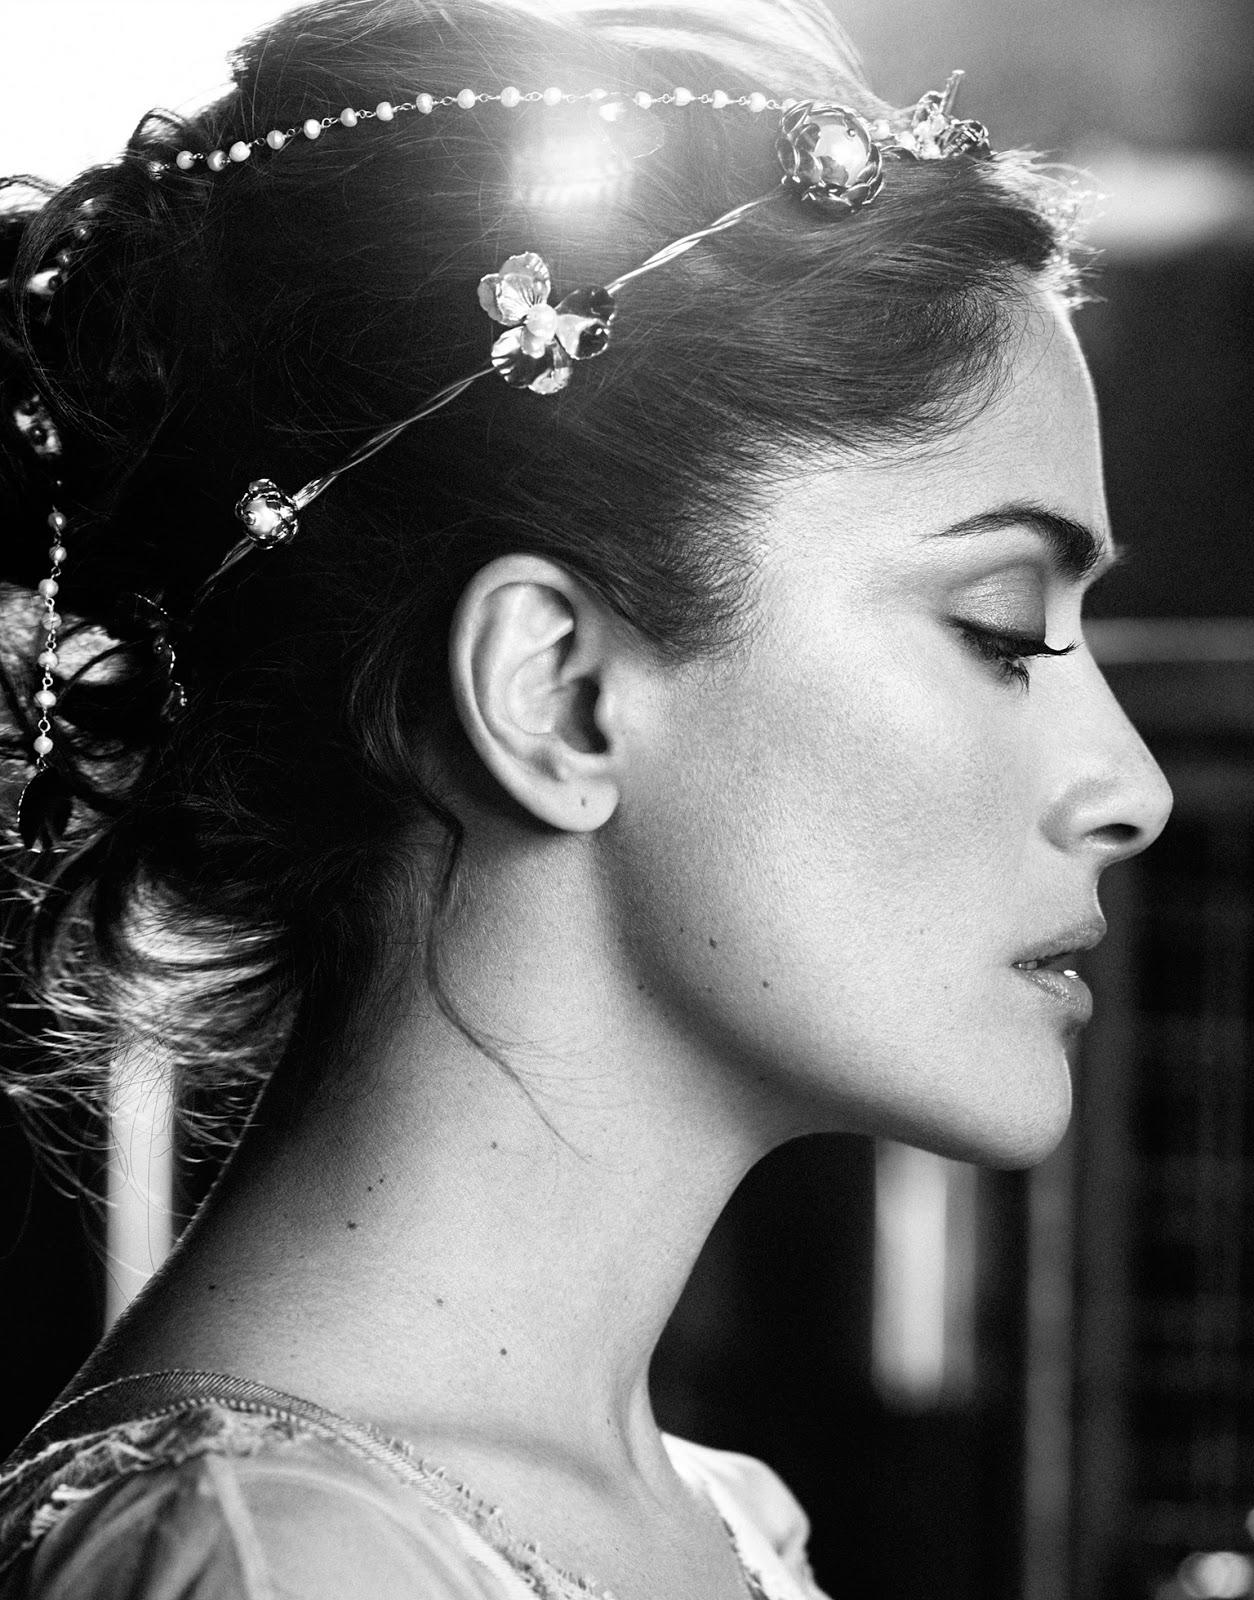 Лучшие фото Сальмы Хайек из разных фотосессий